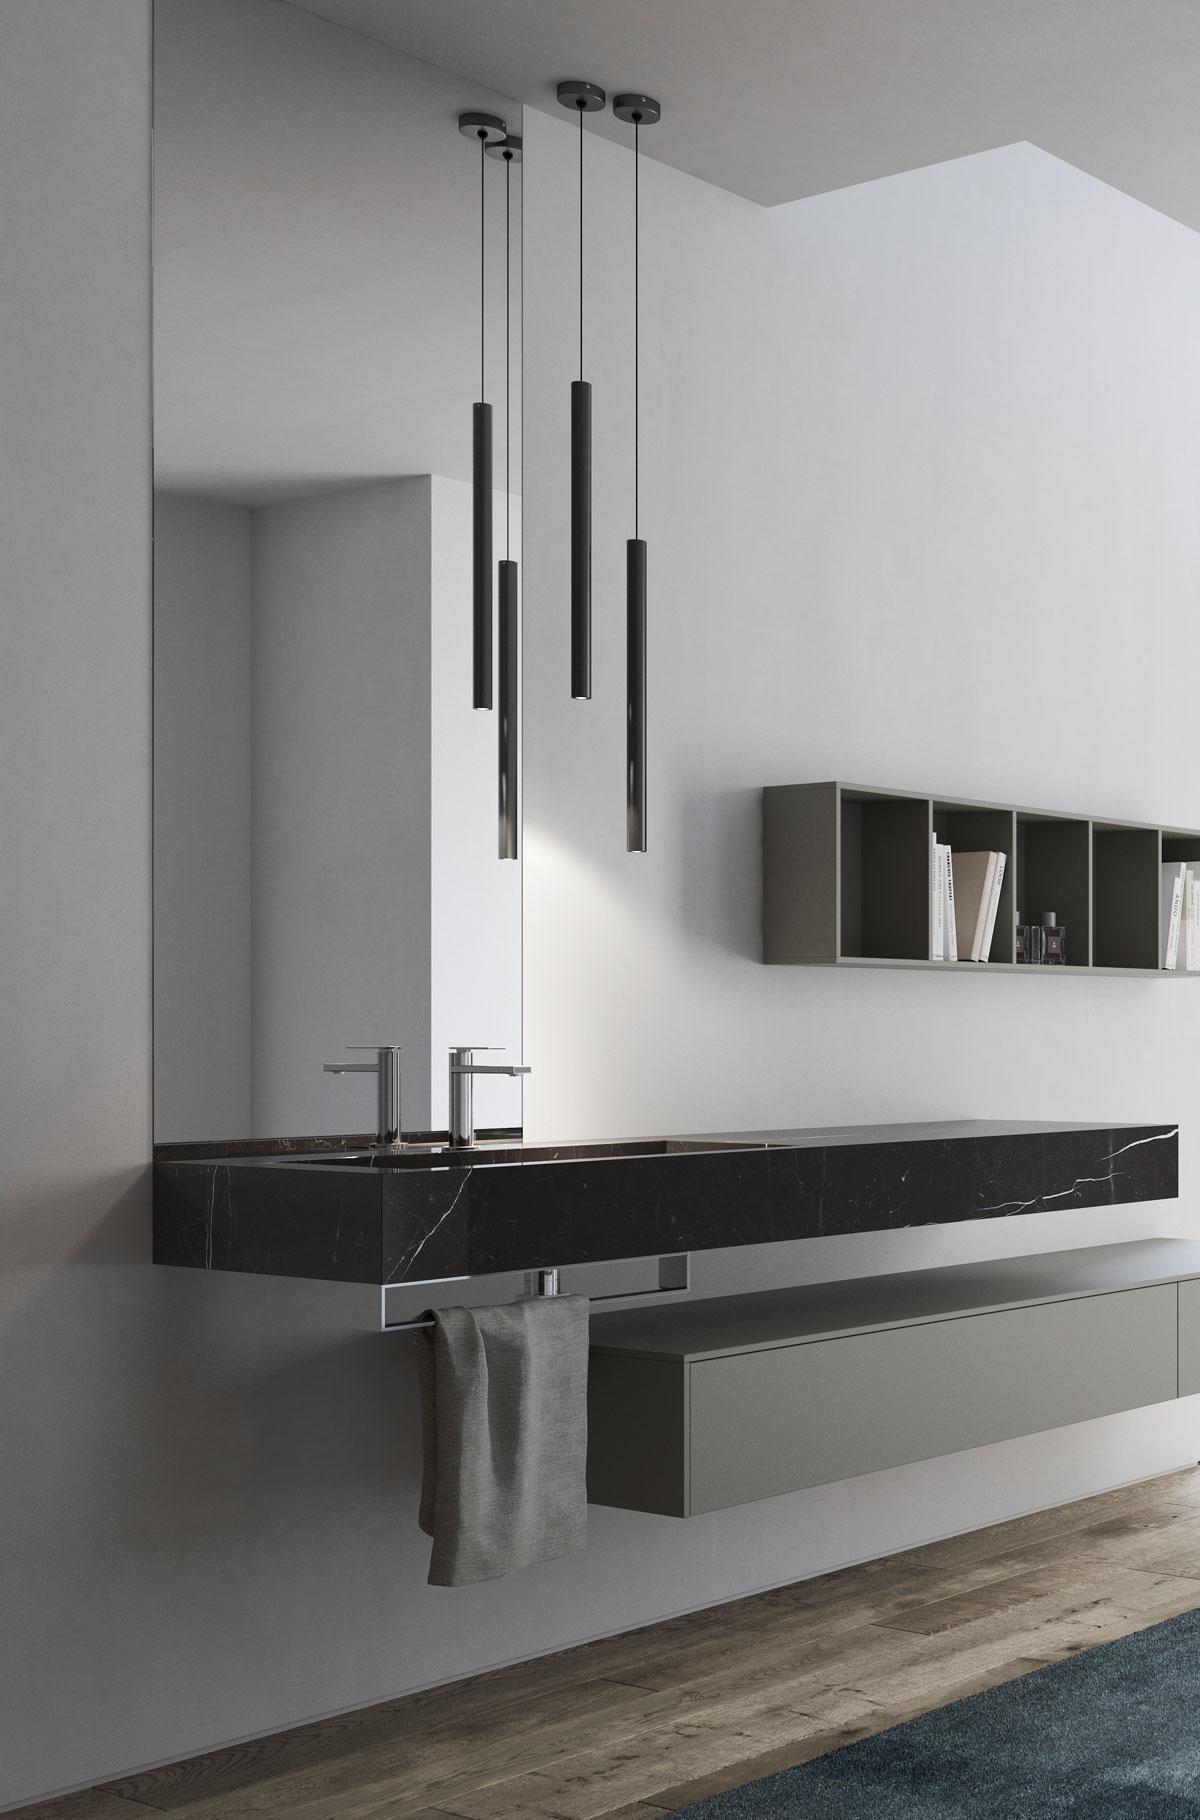 Lampadario per il bagno alcune ispirazioni di design - Lampadario per bagno ...